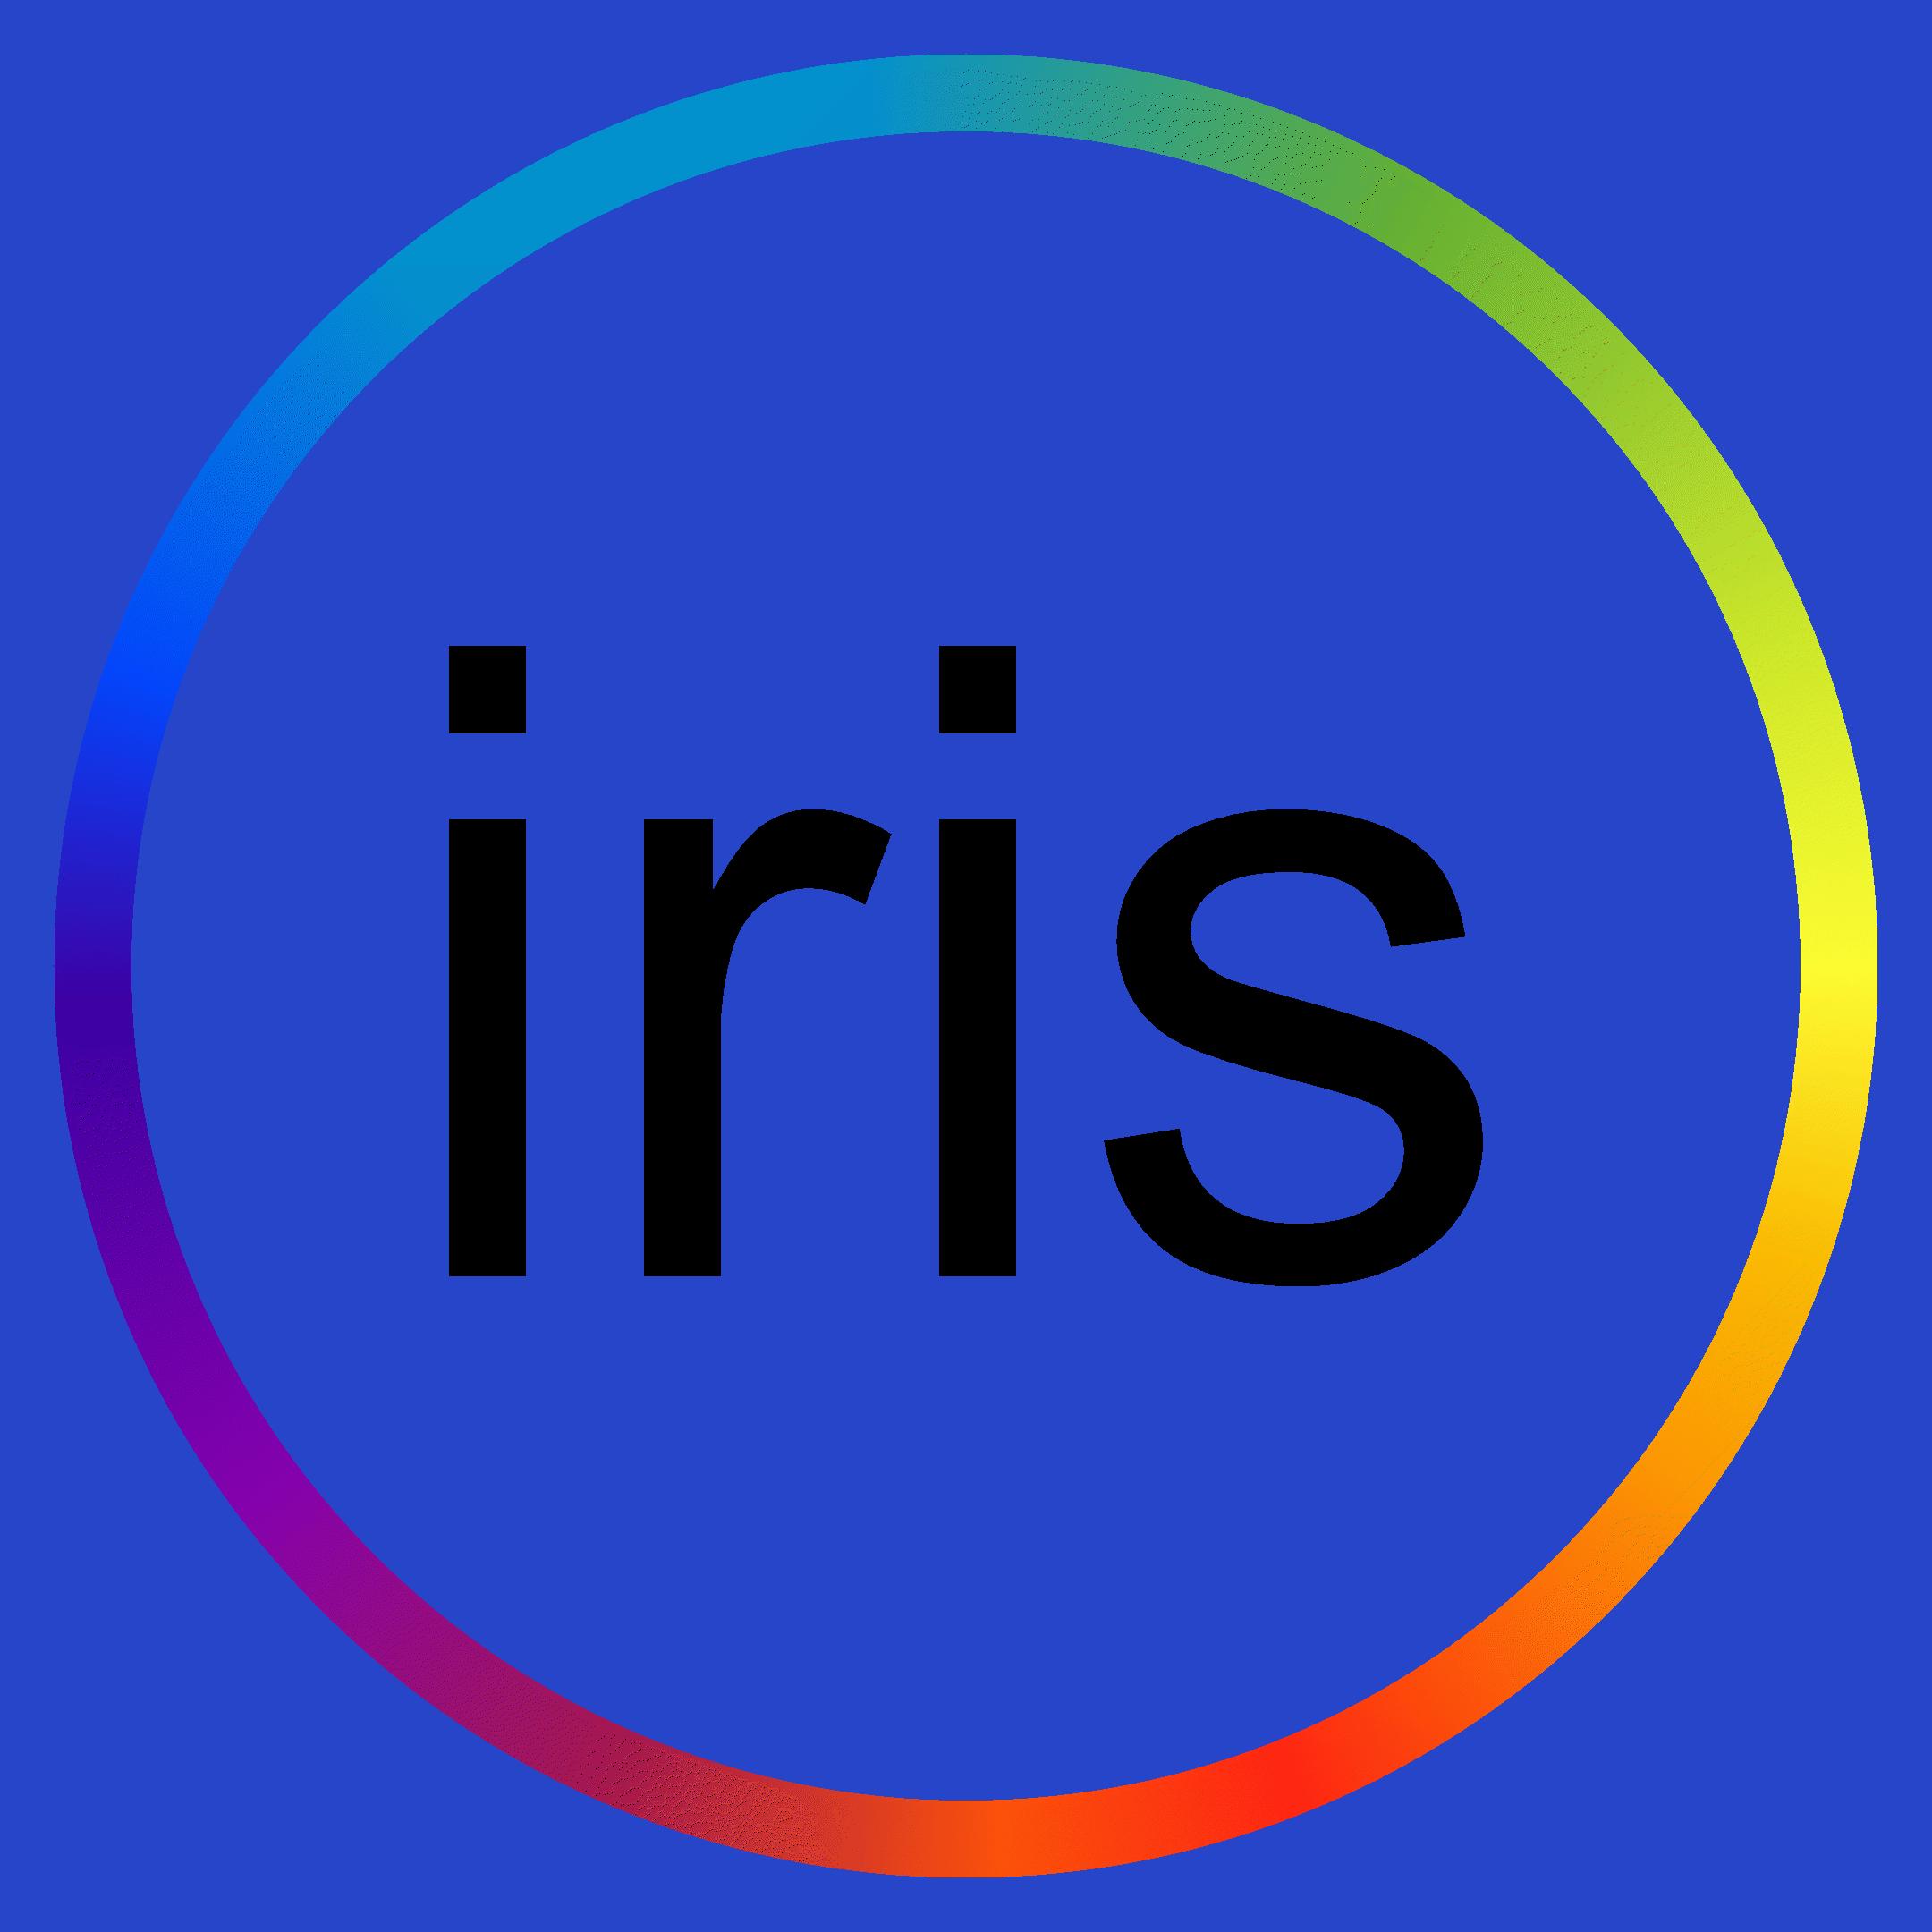 Iris Technologies Inc.